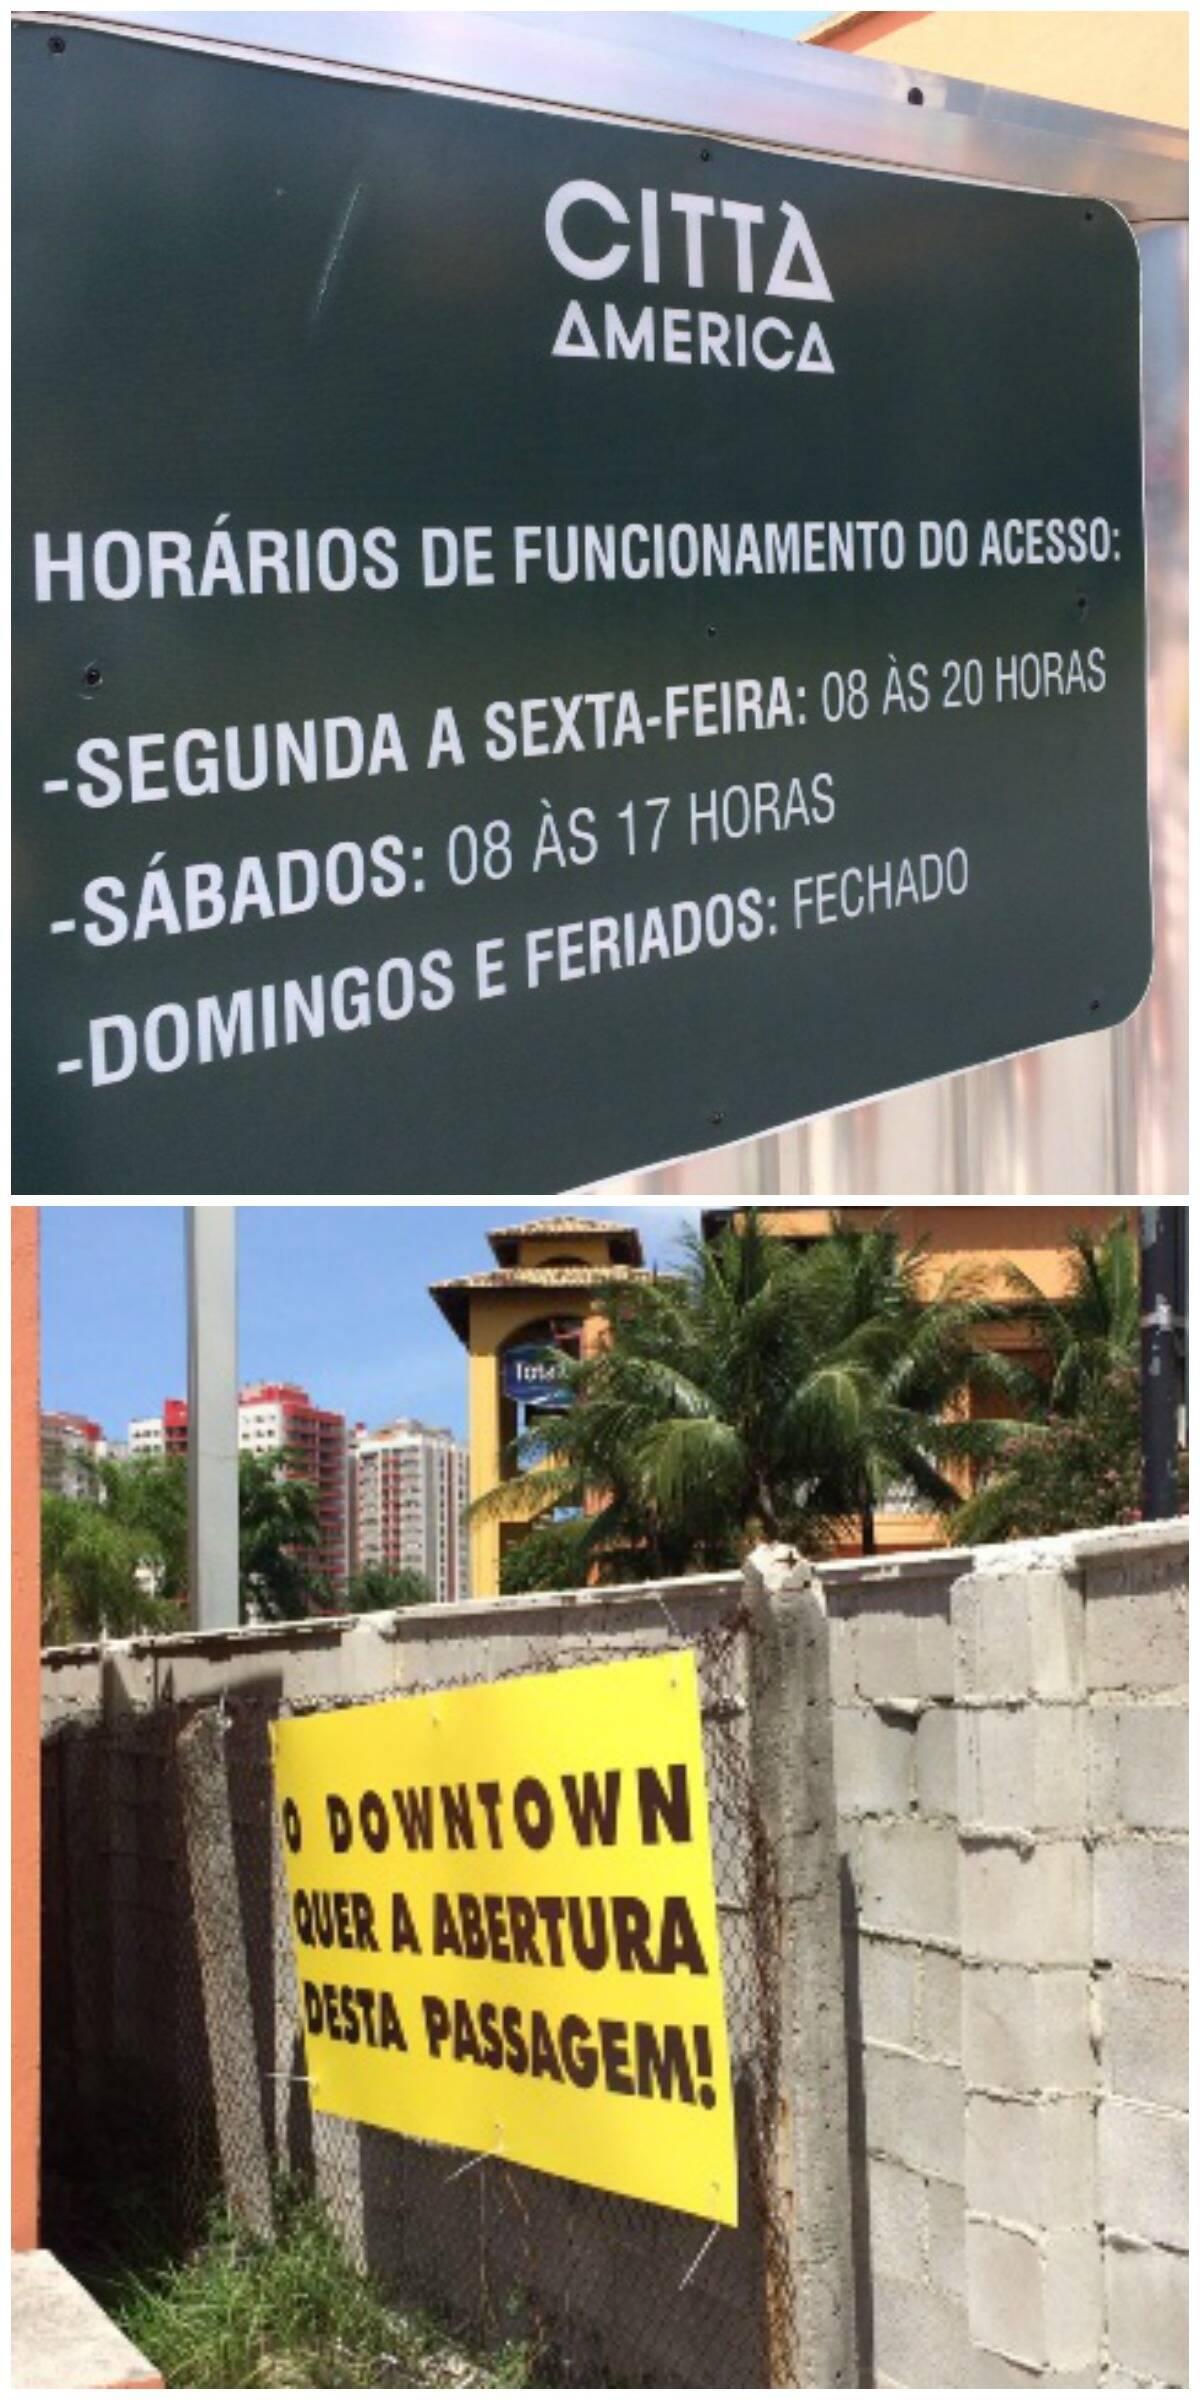 Batalha das placas: no alto, o cartaz do Città, restringindo o horário de circulação; acima, o recado do shopping Downtown / Fotos: divulgação